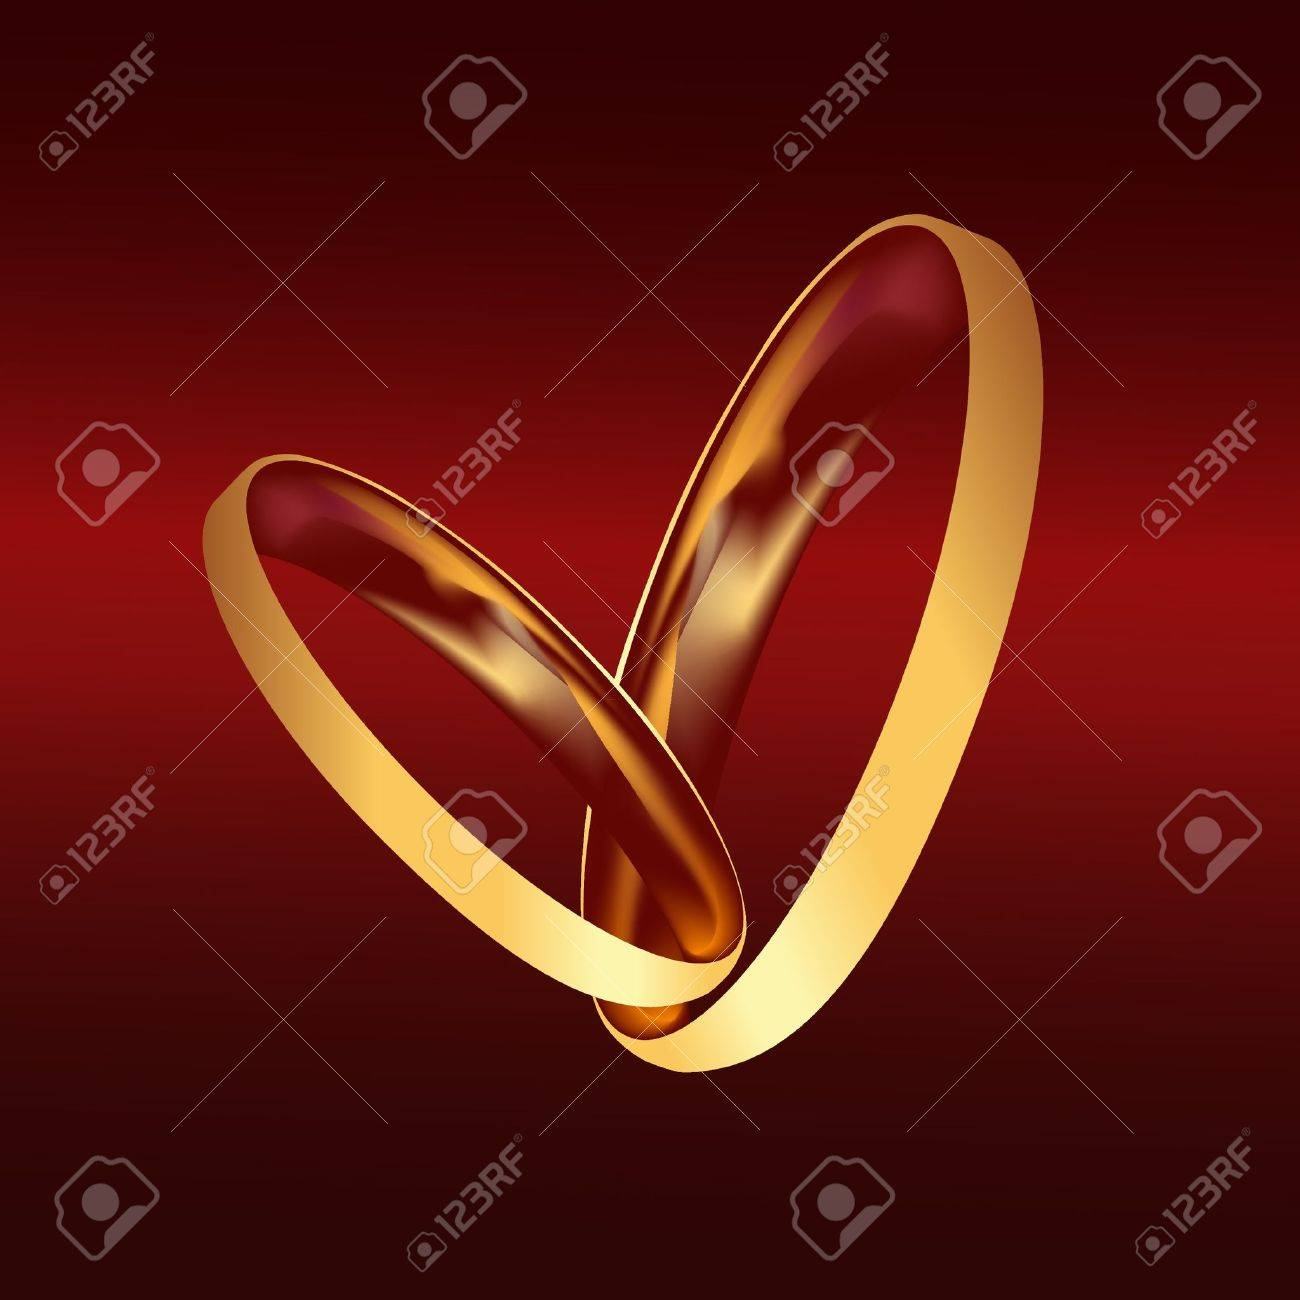 Couple gold wedding rings vector Stock Vector - 12805954